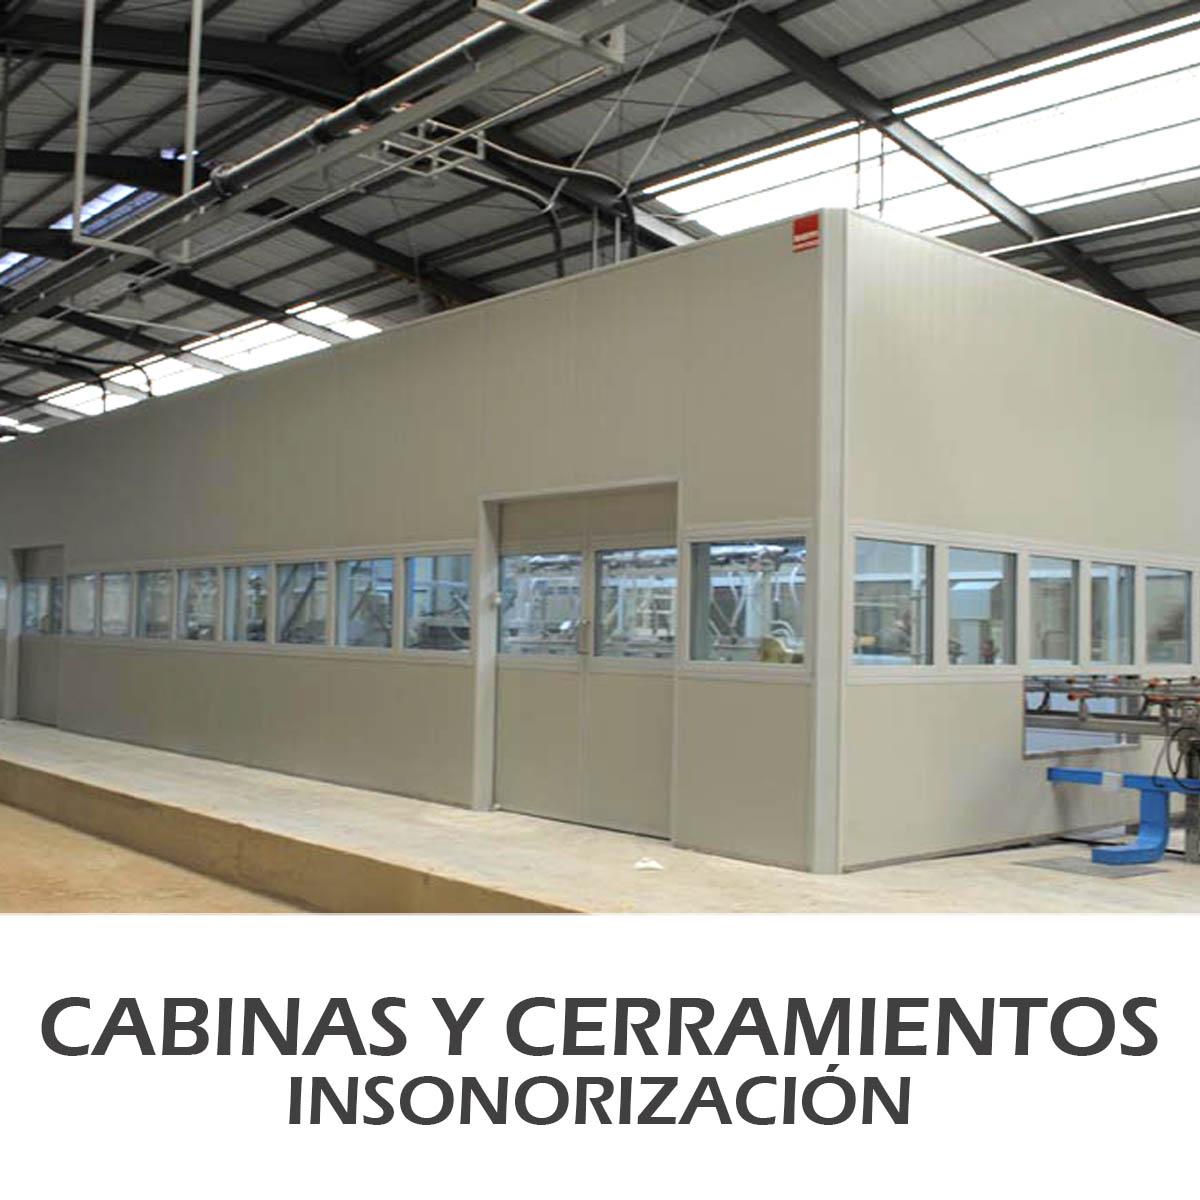 cabinas-cerramientos-insonorización-maquinaria-industrial-sem